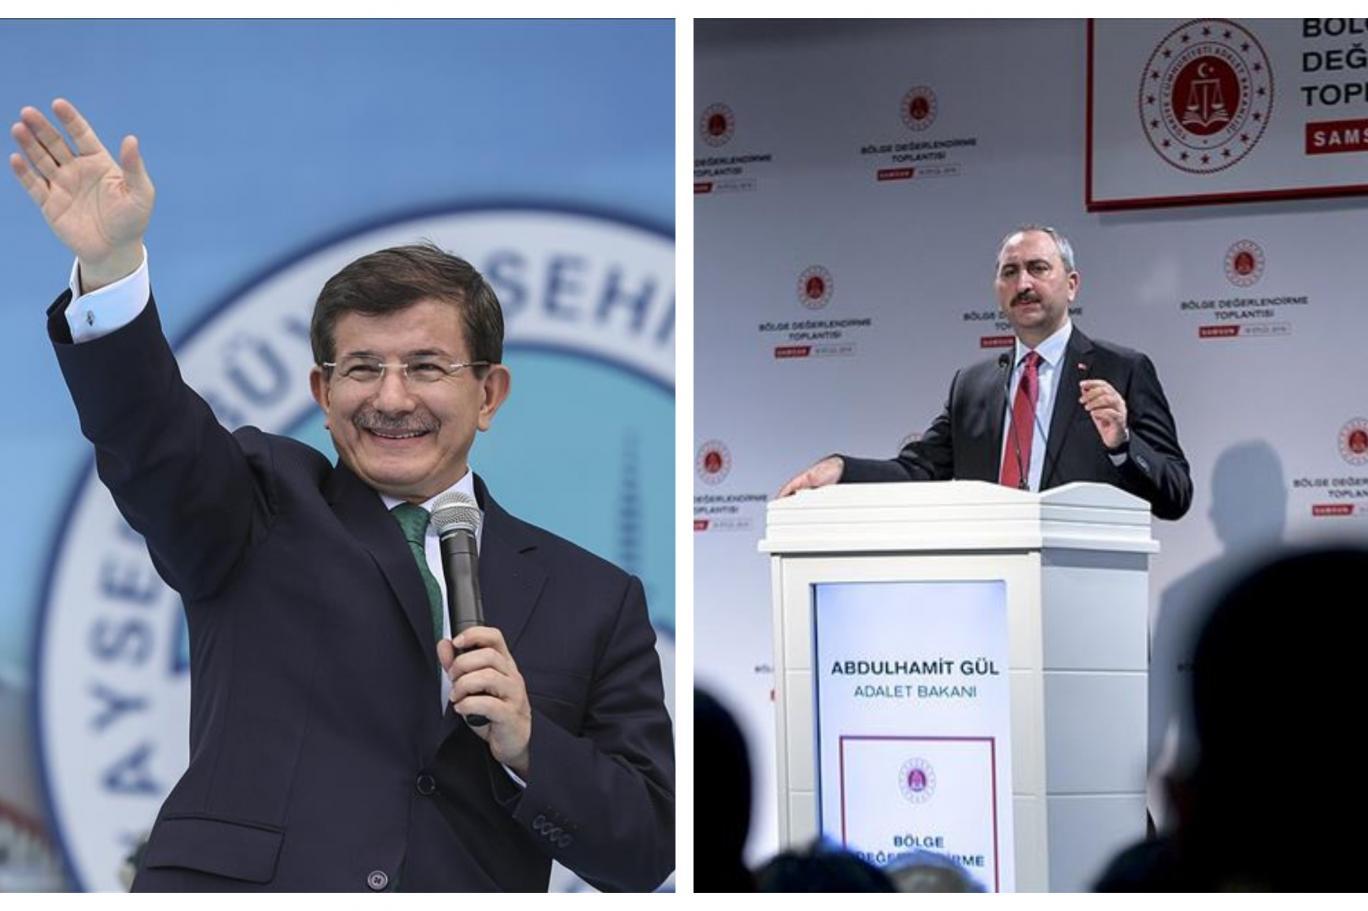 'Yargıda Pelikan Grubu var' diyen emekli hakim ifadeye çağrıldı, Abdulhamit Gül ve Ahmet Davutoğlu'nu tanık gösterdi